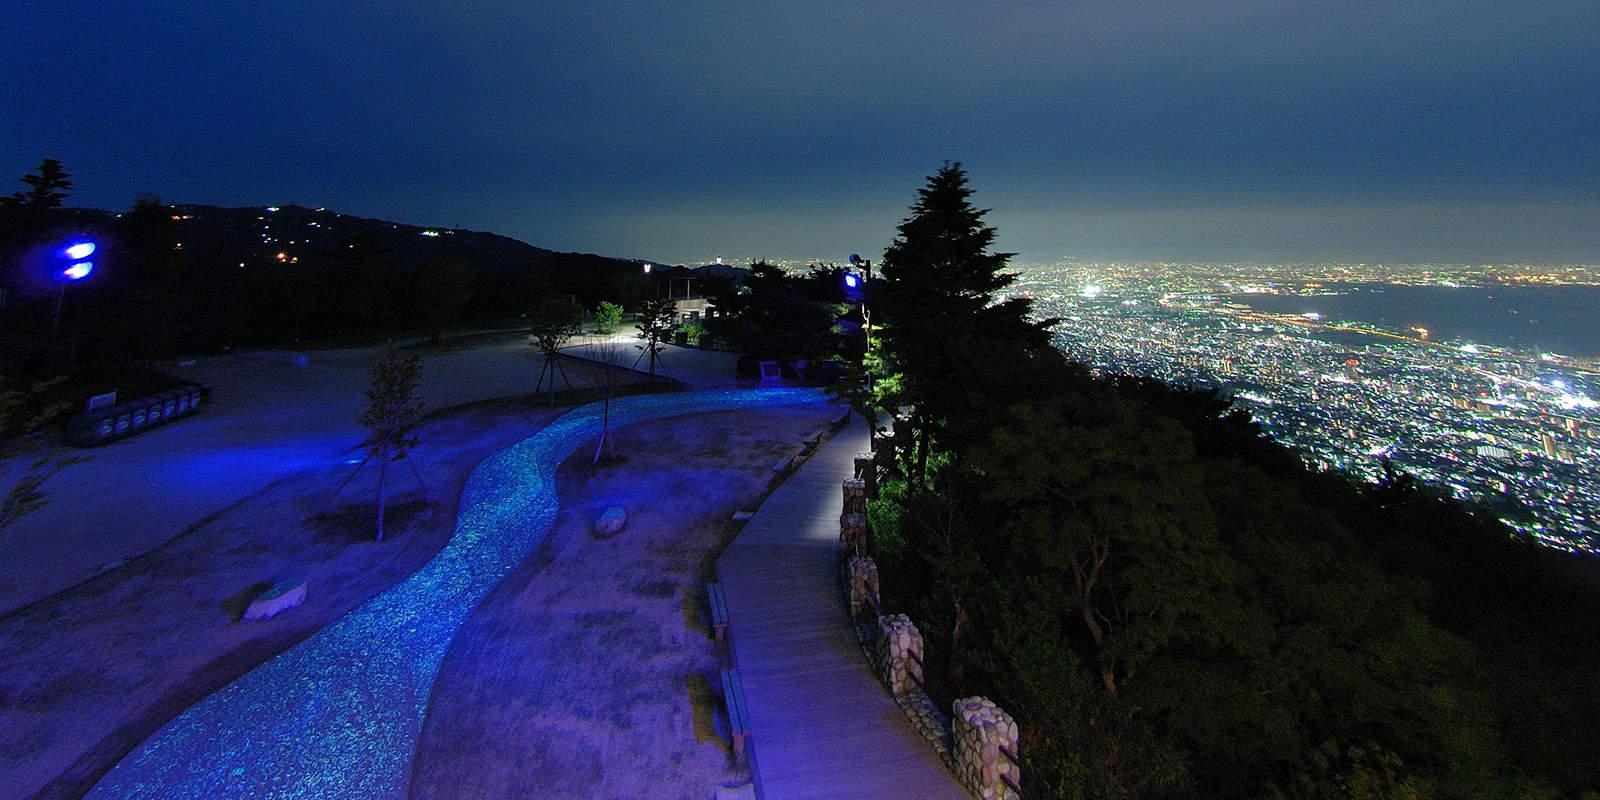 ทิวทัศน์ยามค่ำคืนของเมืองโกเบเมื่อมองจากยอดเขารกโกะ (Rokkosan)